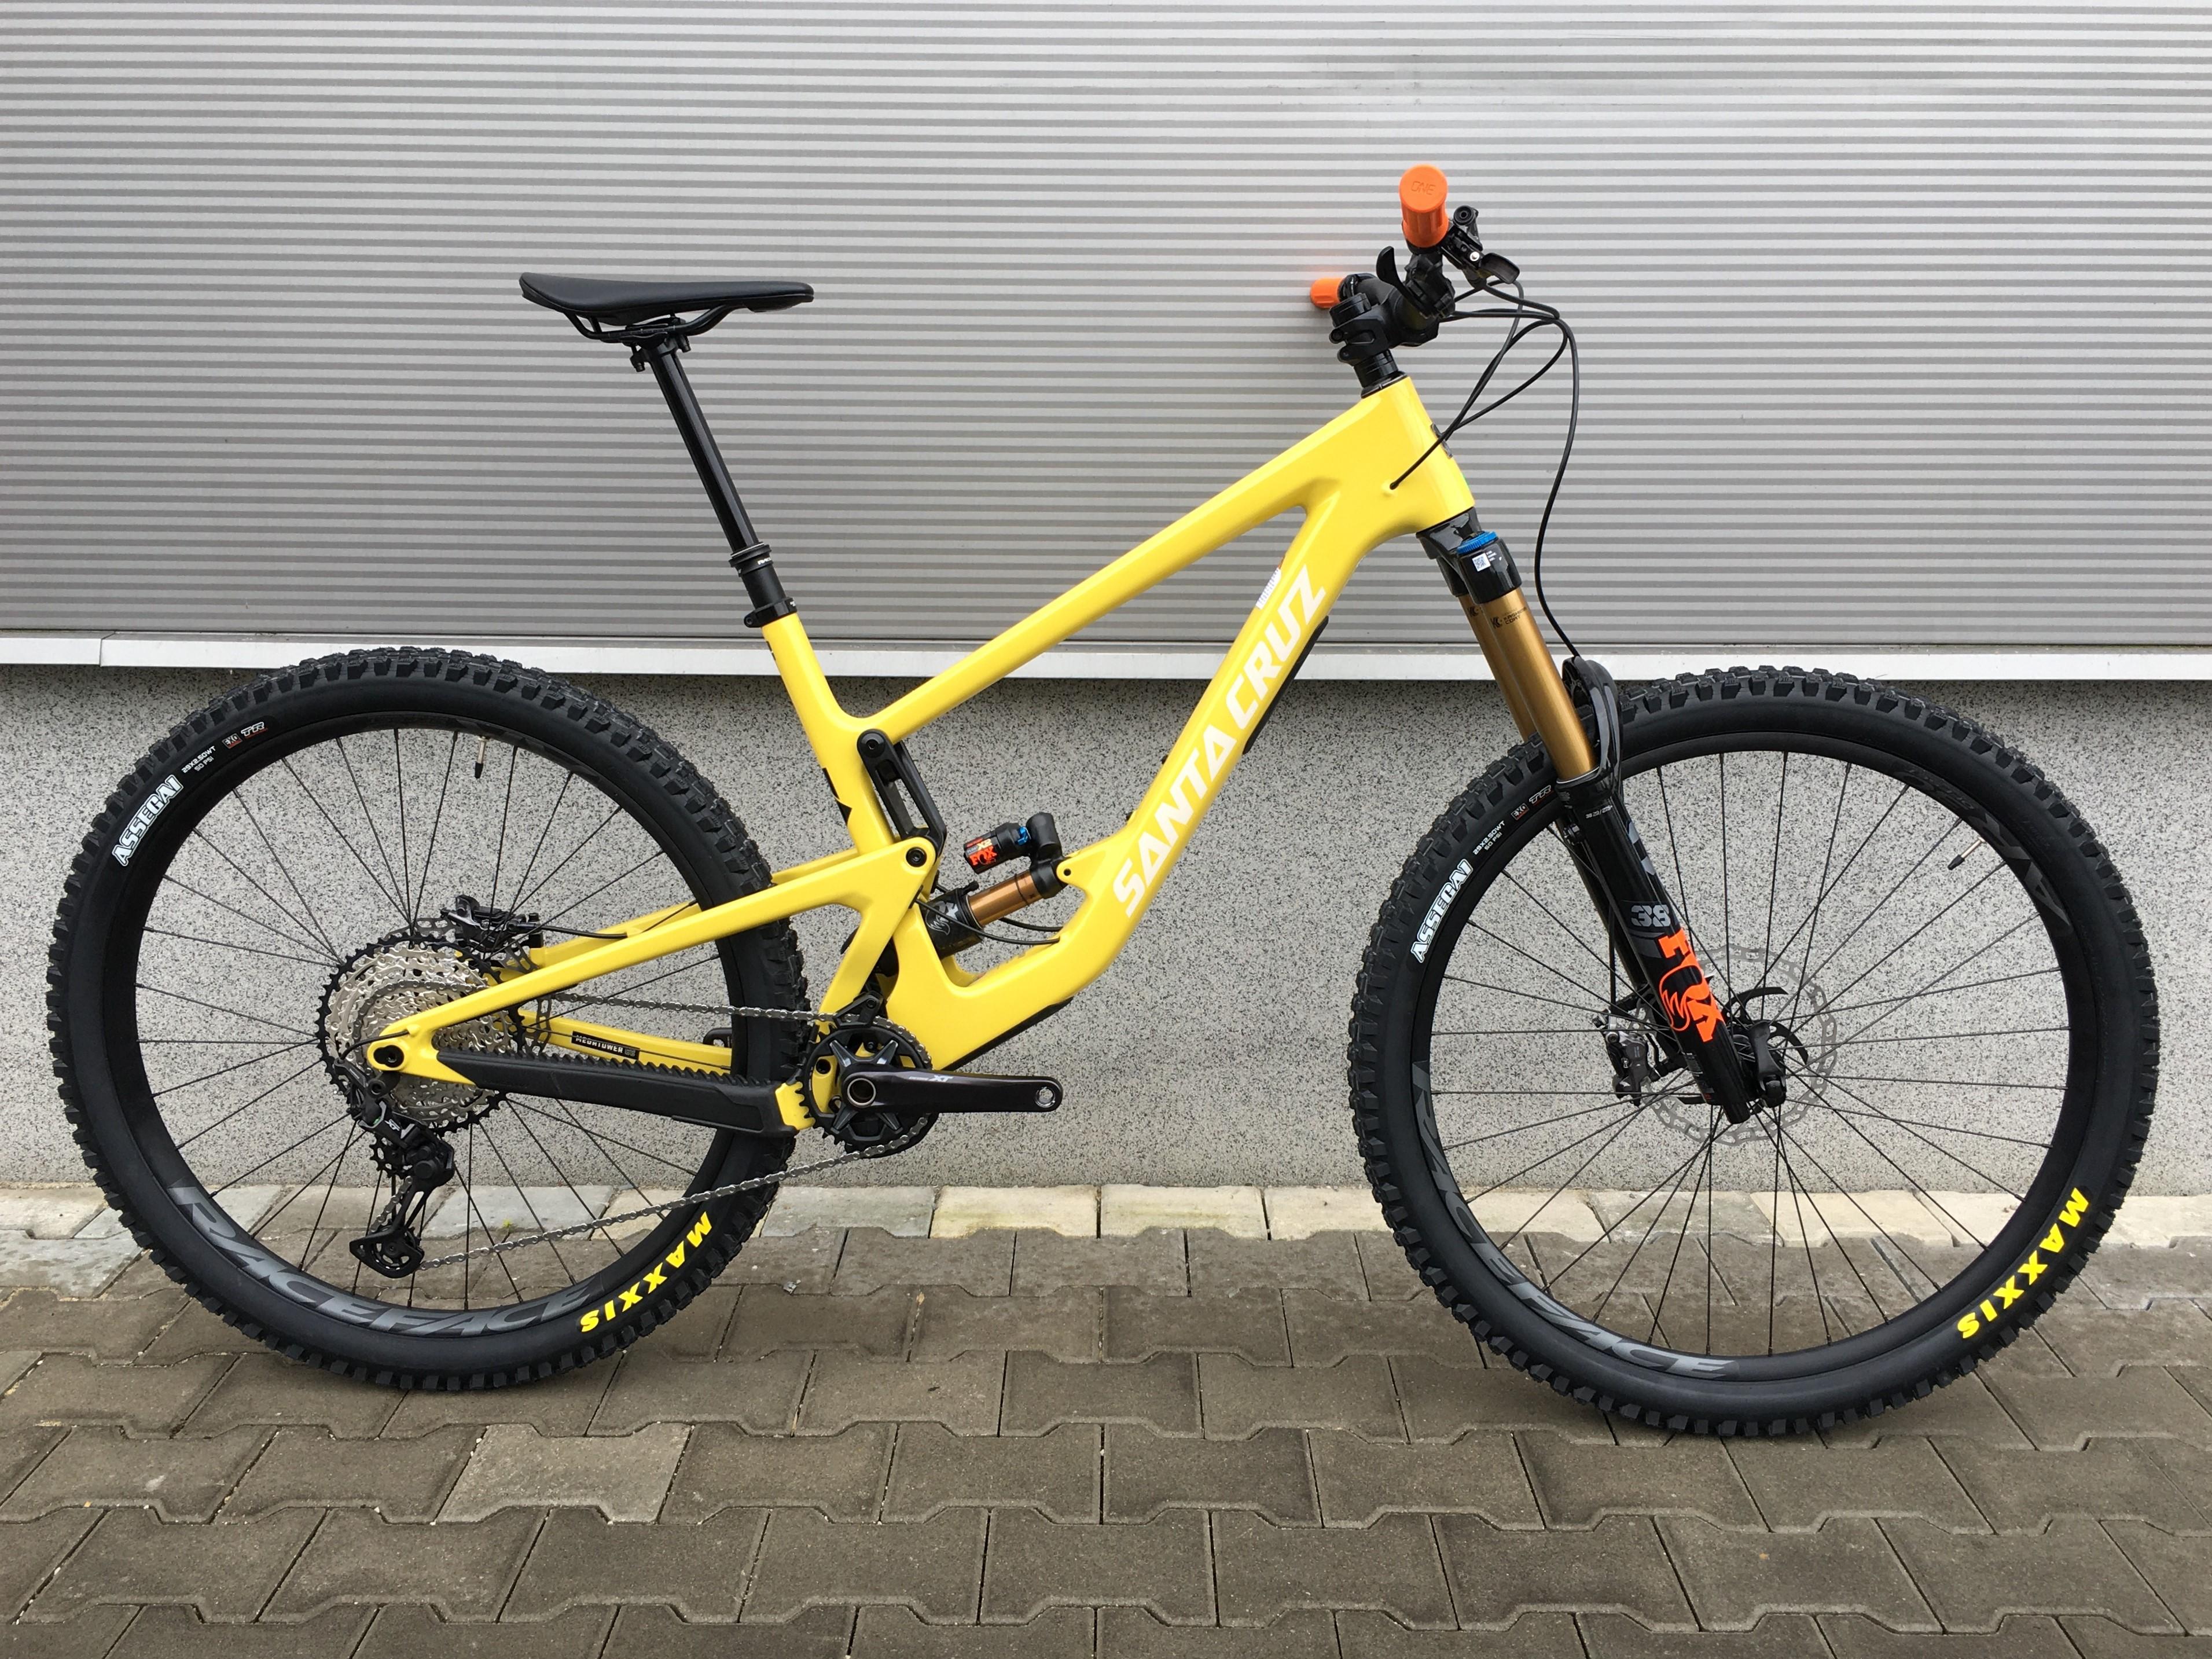 SANTA CRUZ Megatower 1 CC 29 2021, XT, Factory, amarillo yellow, XL